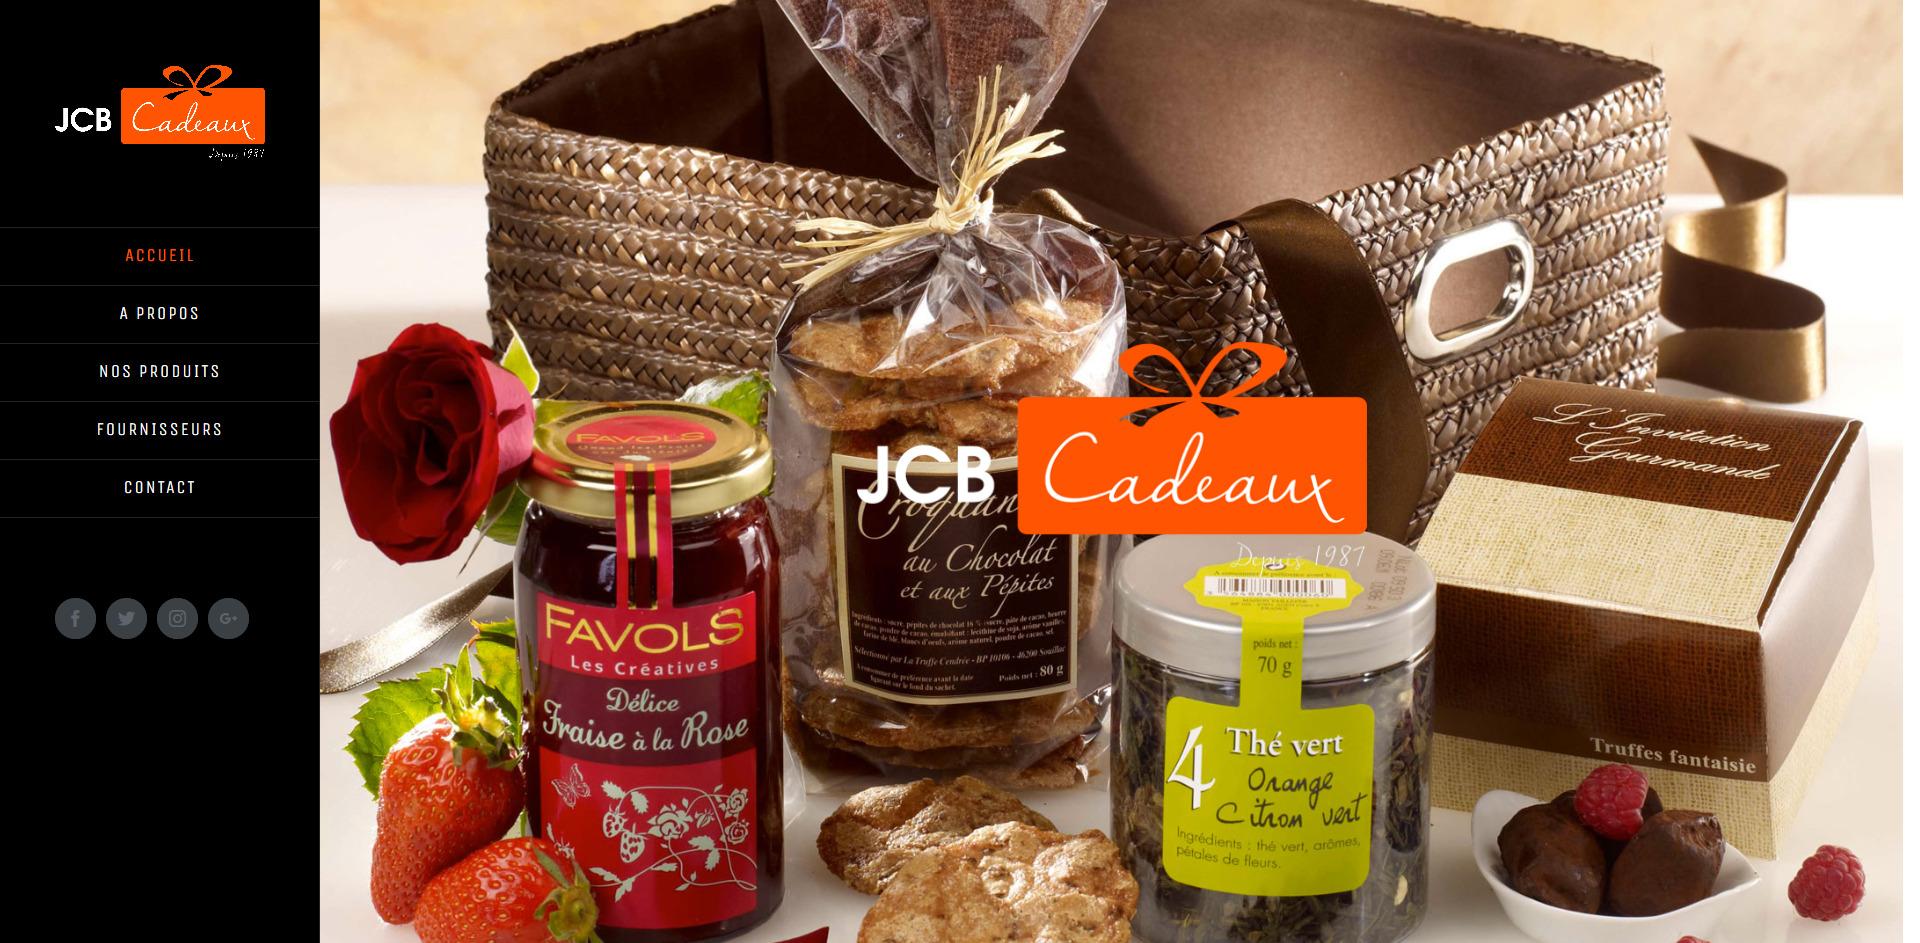 jcb cadeaux, leasy concept, louer mon site, location de site internet, achat de site internet, vente de site internet, création sur mesure, site web, web, lyon, rhone alpes